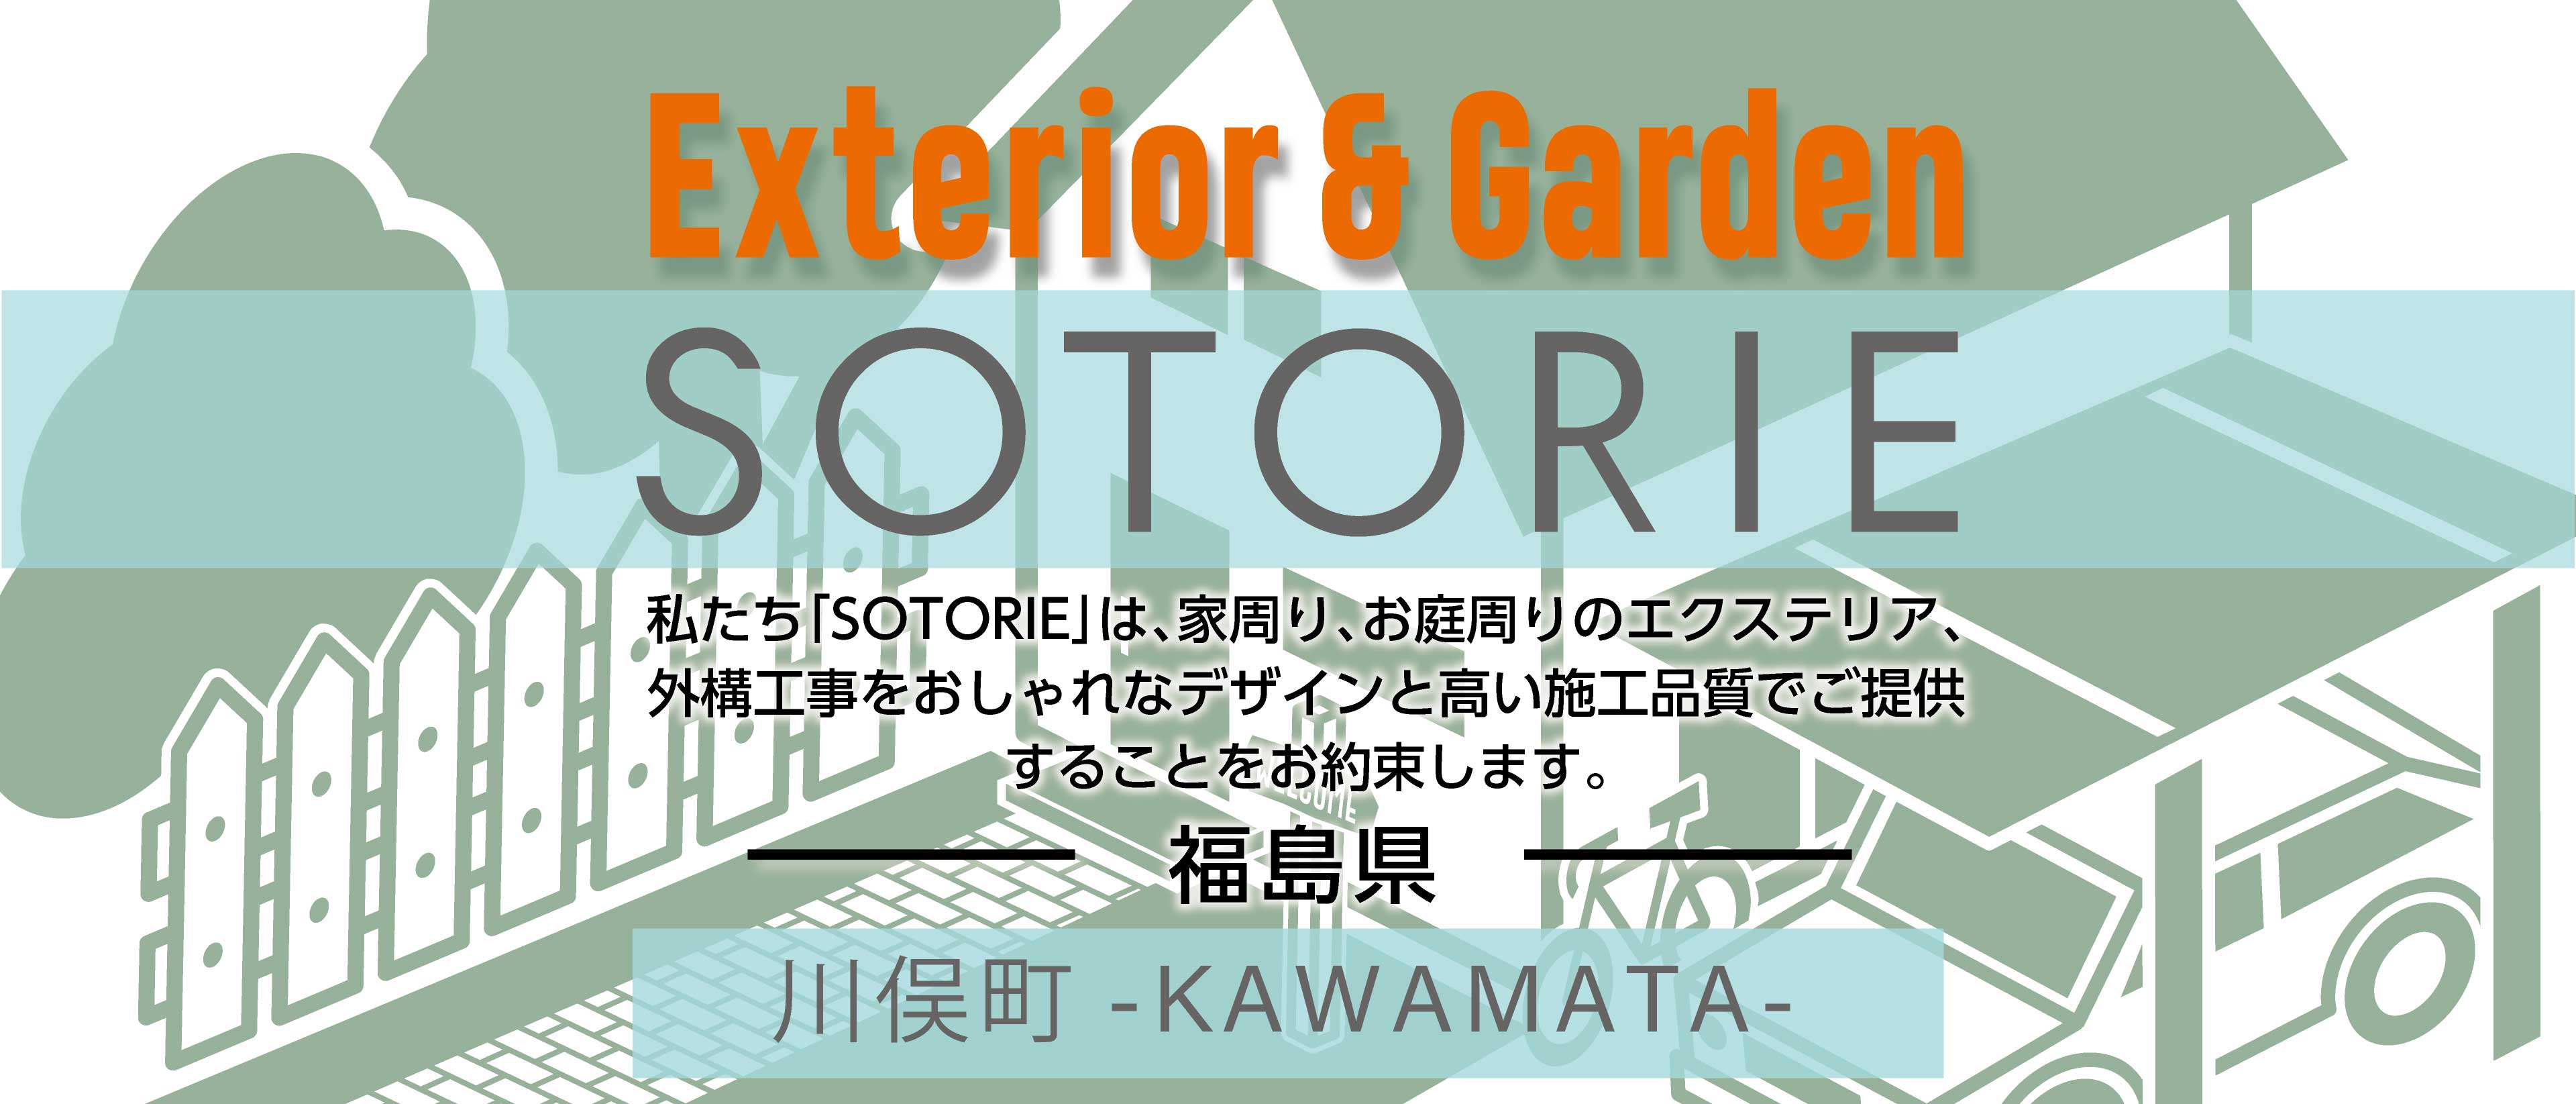 ソトリエ川俣町では、家周りと庭周りの外構、エクステリア工事をおしゃれなデザインと高い施工品質でご提供することをお約束します。